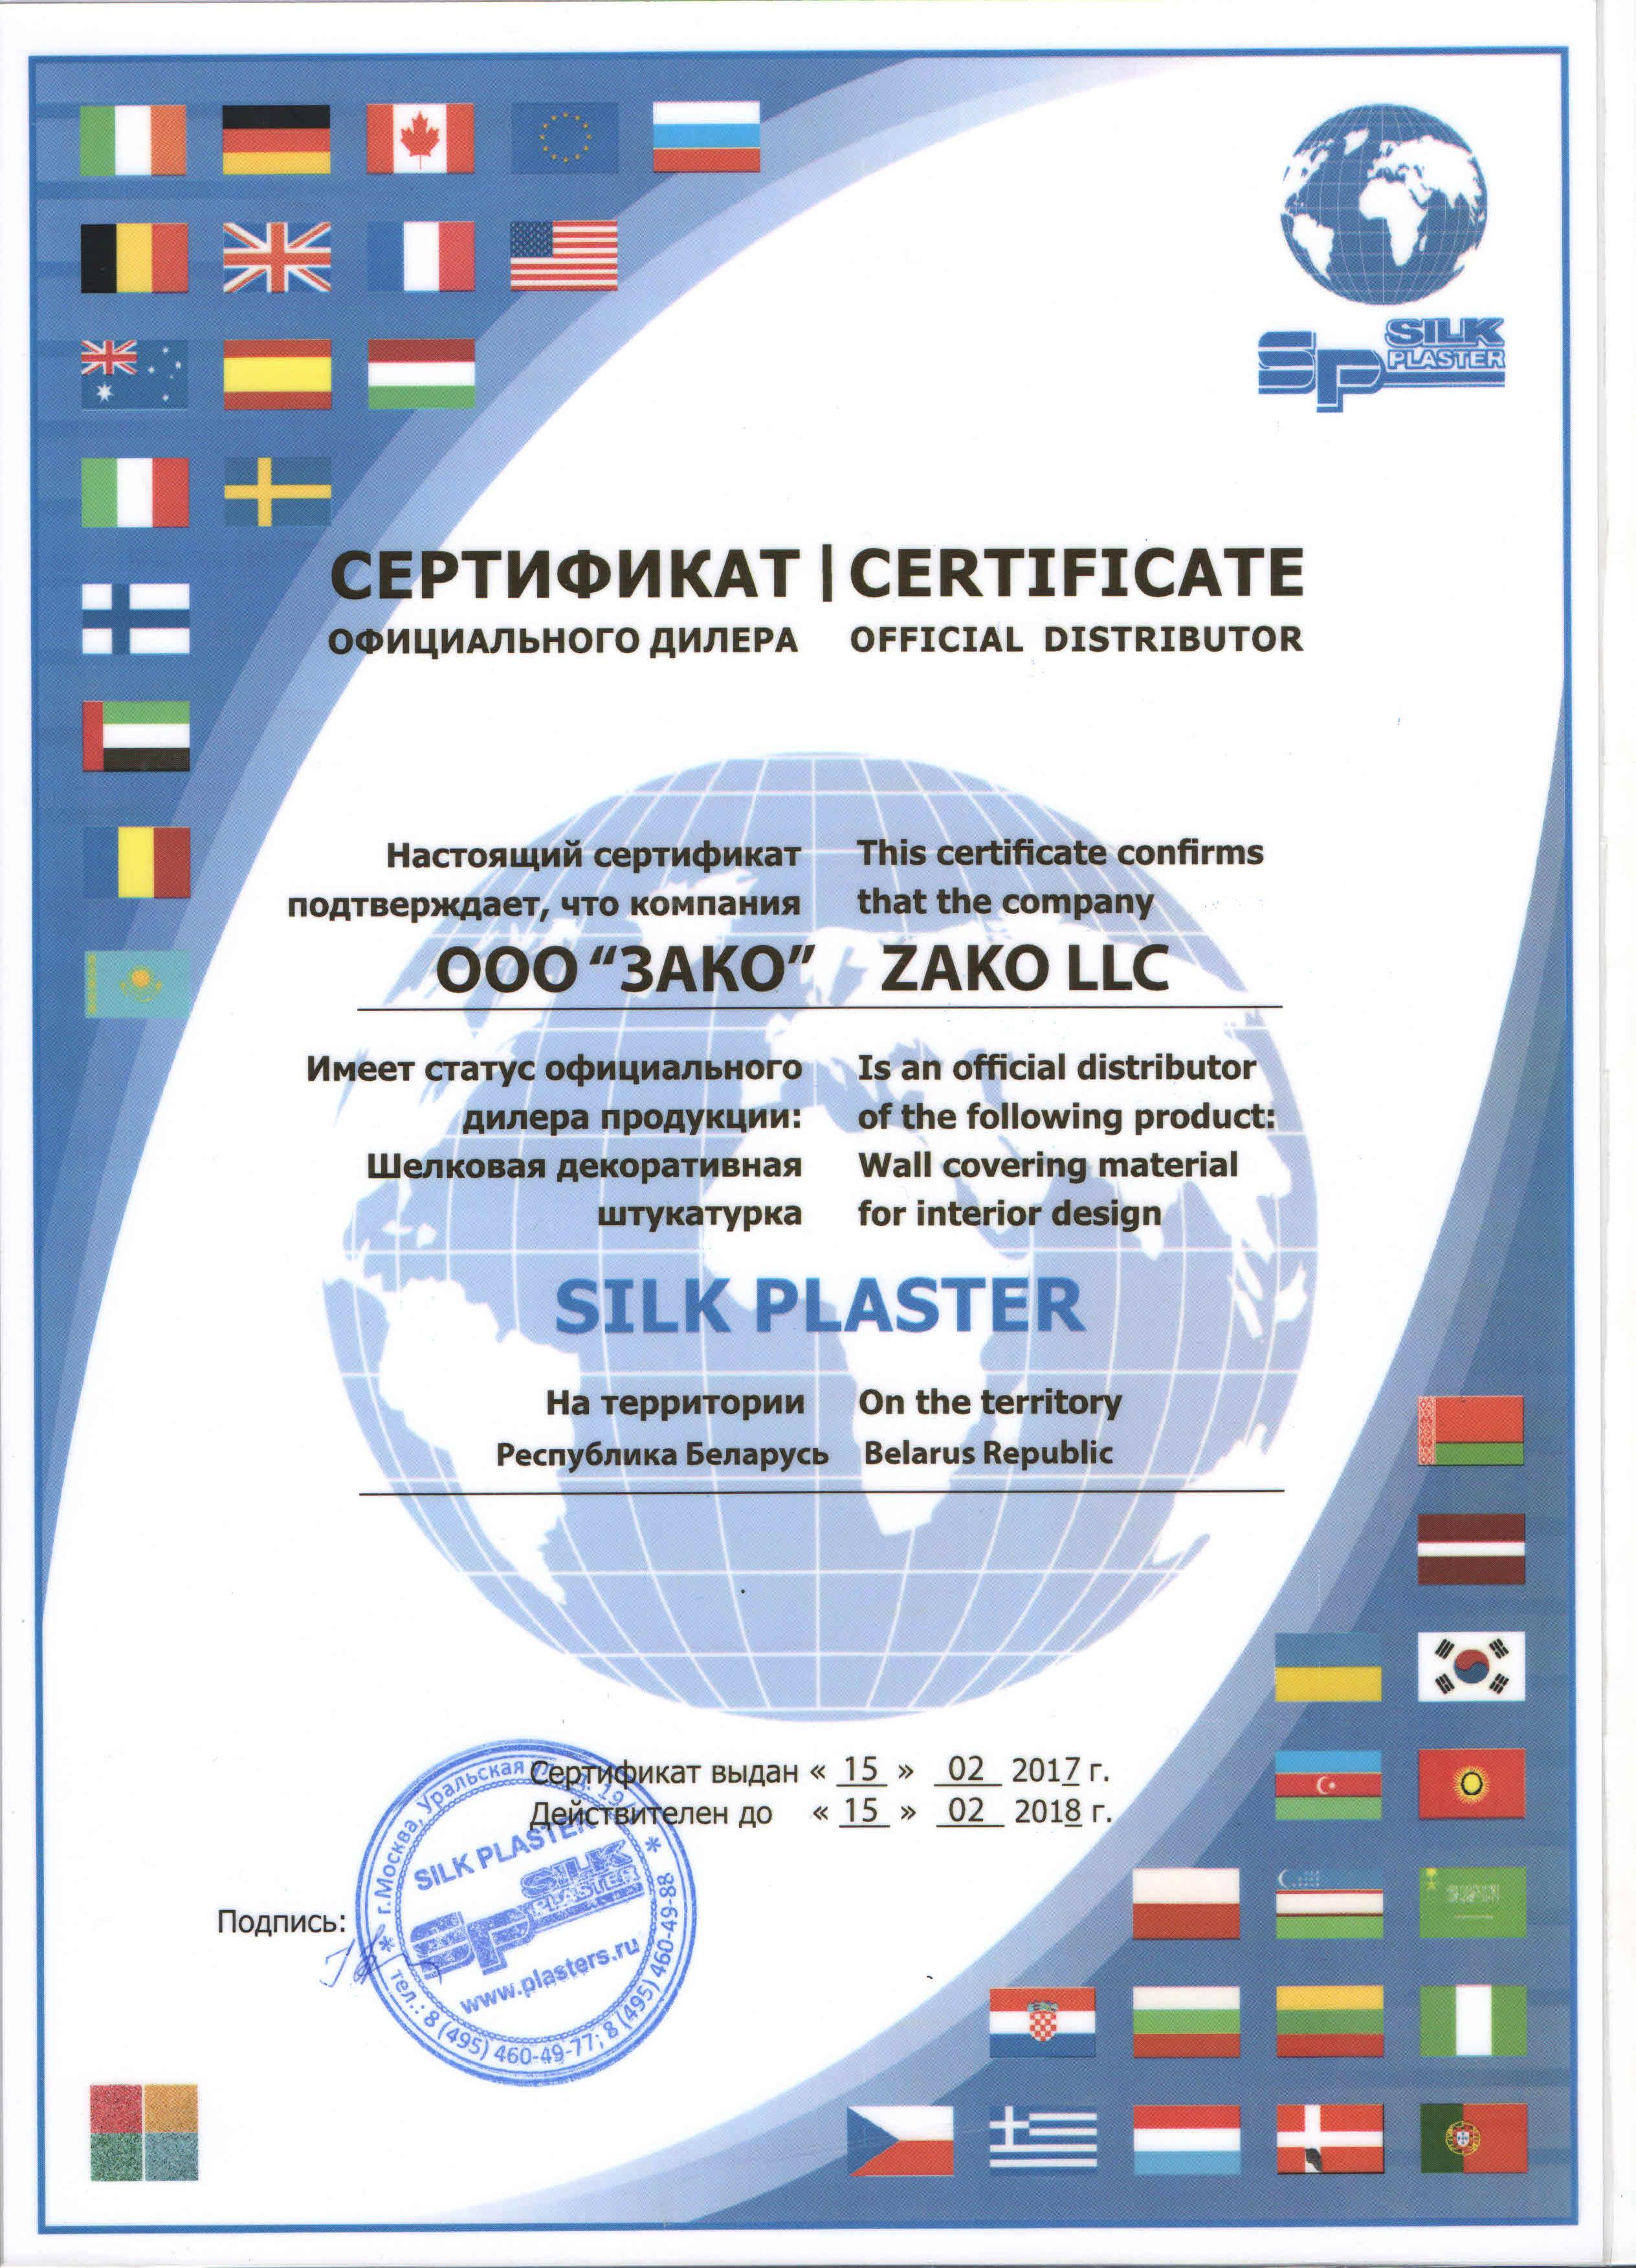 zaco-diler-certificat